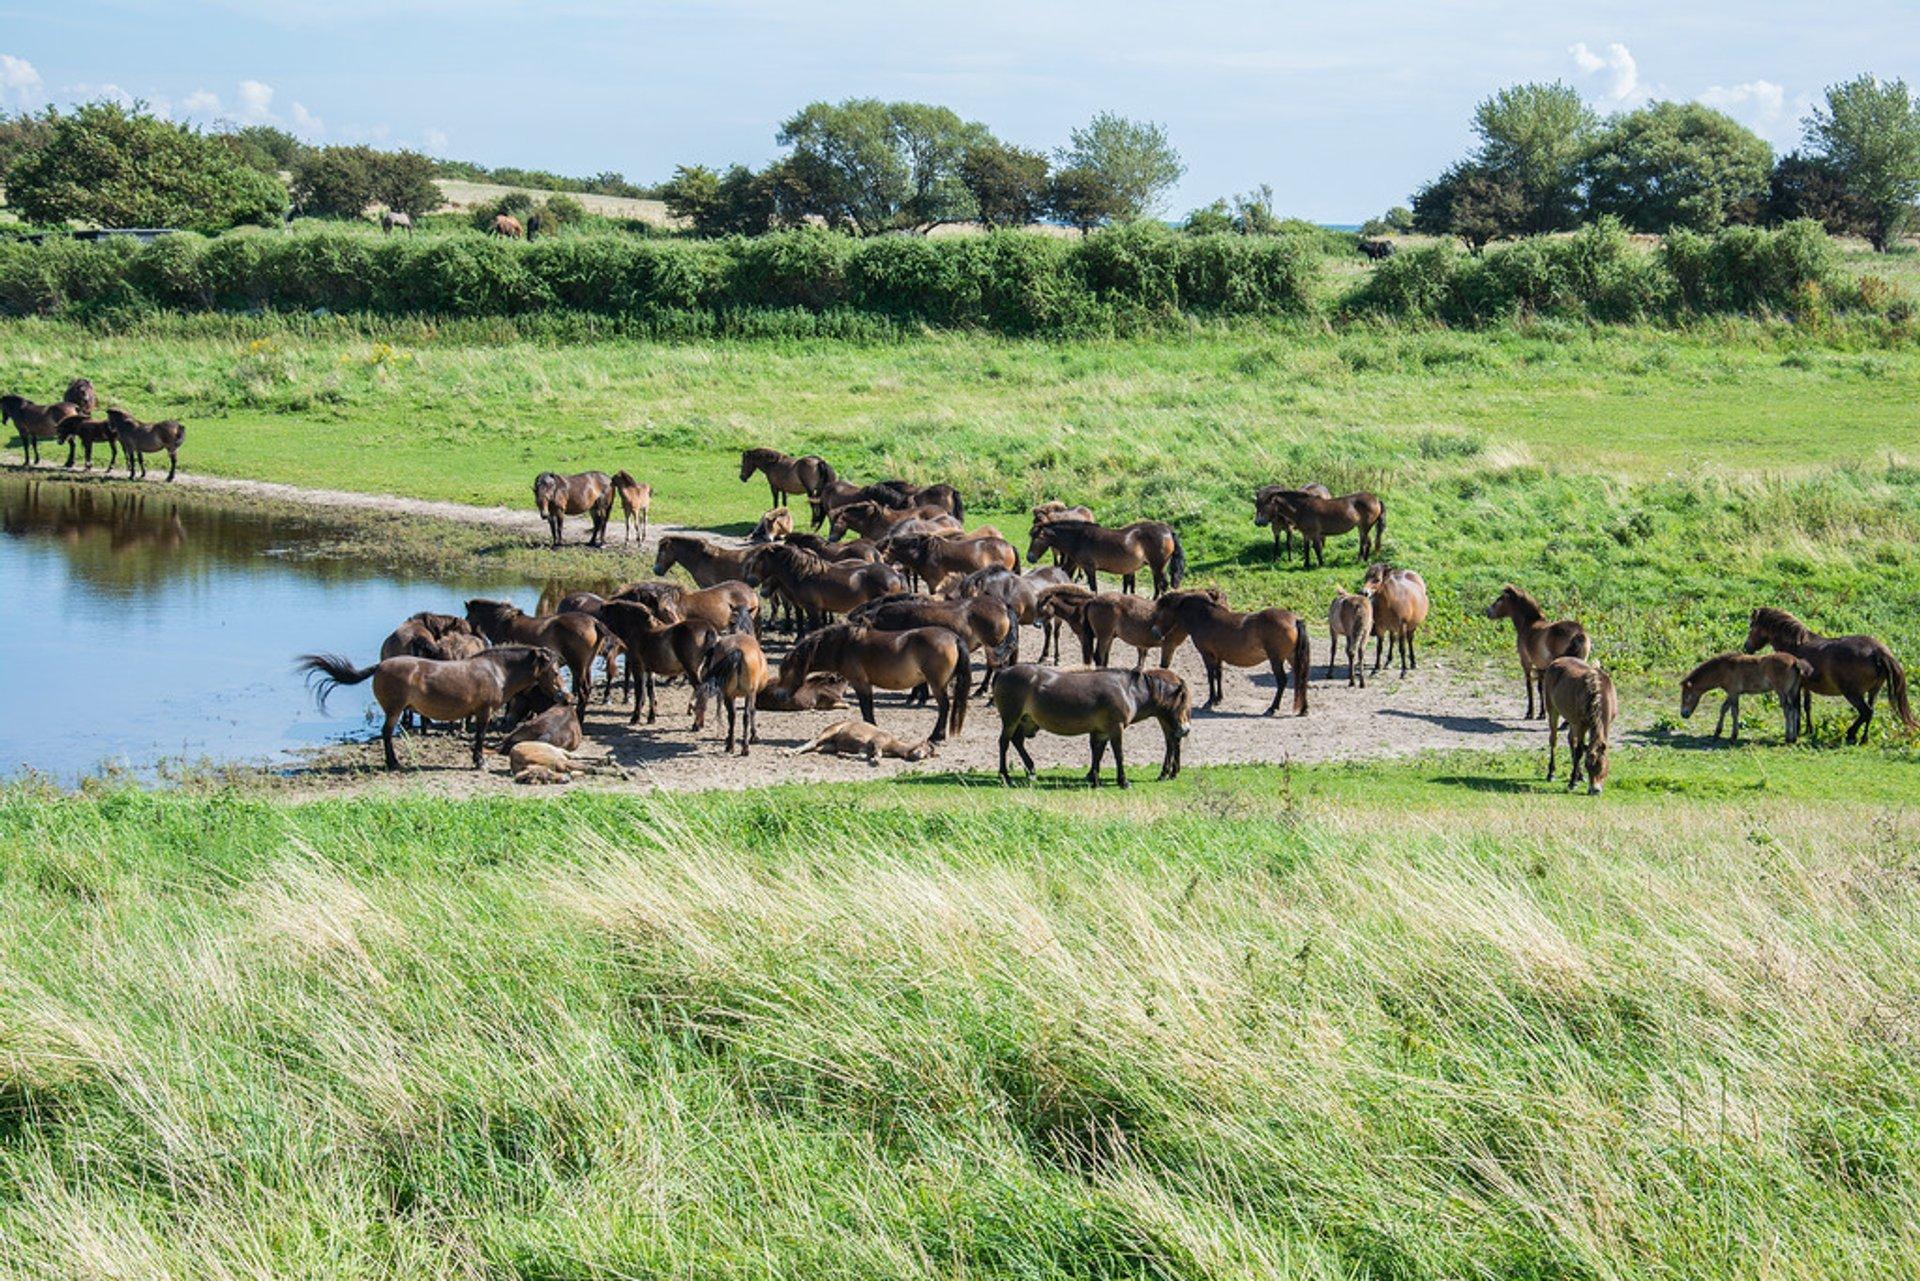 Wild Horses in Denmark 2020 - Best Time